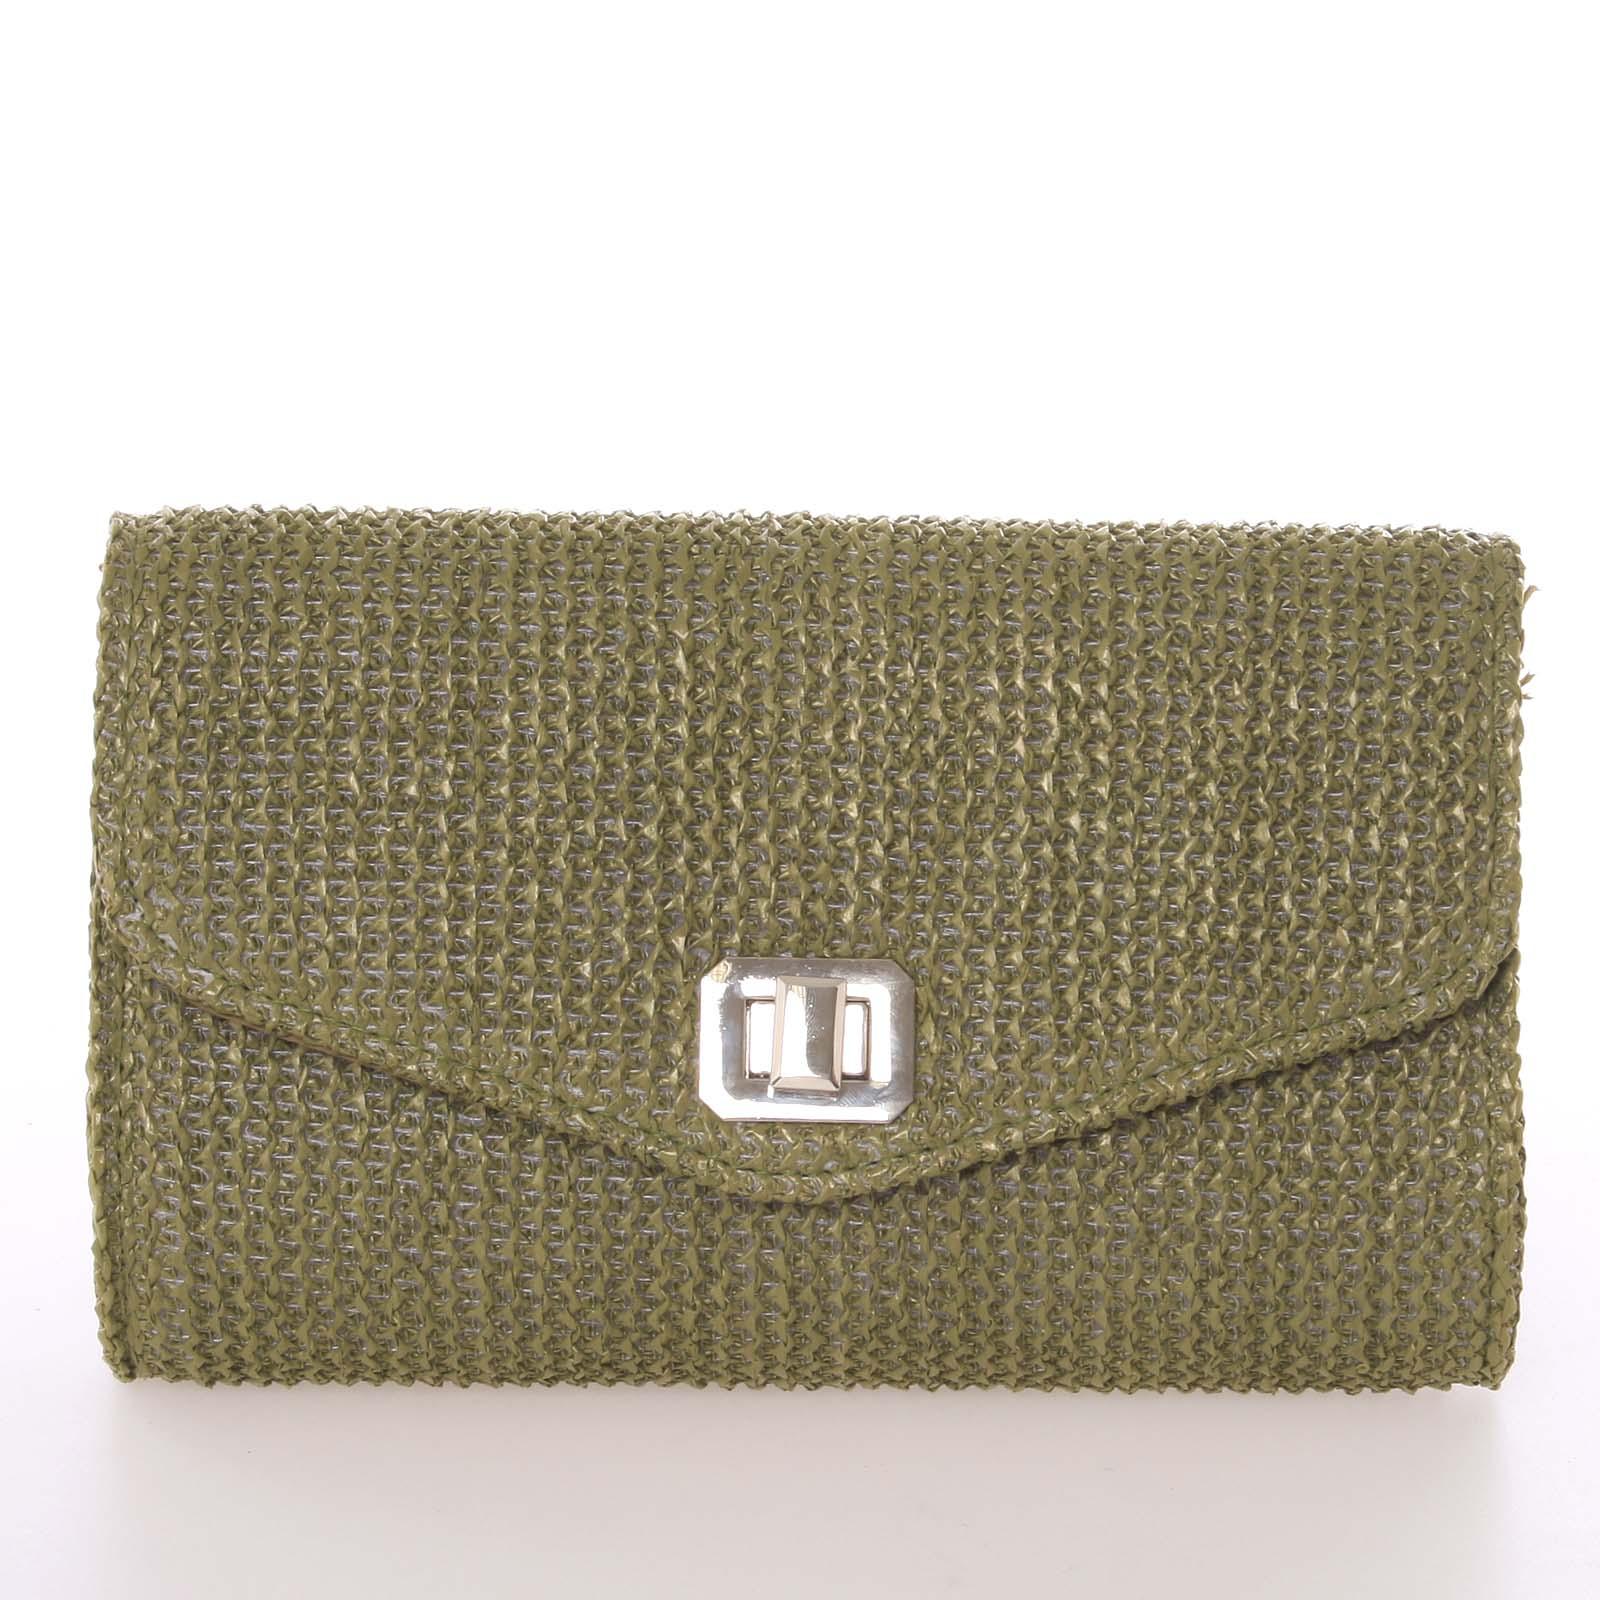 Originálna dámska listová kabelka zelená - Delami D693 zelená